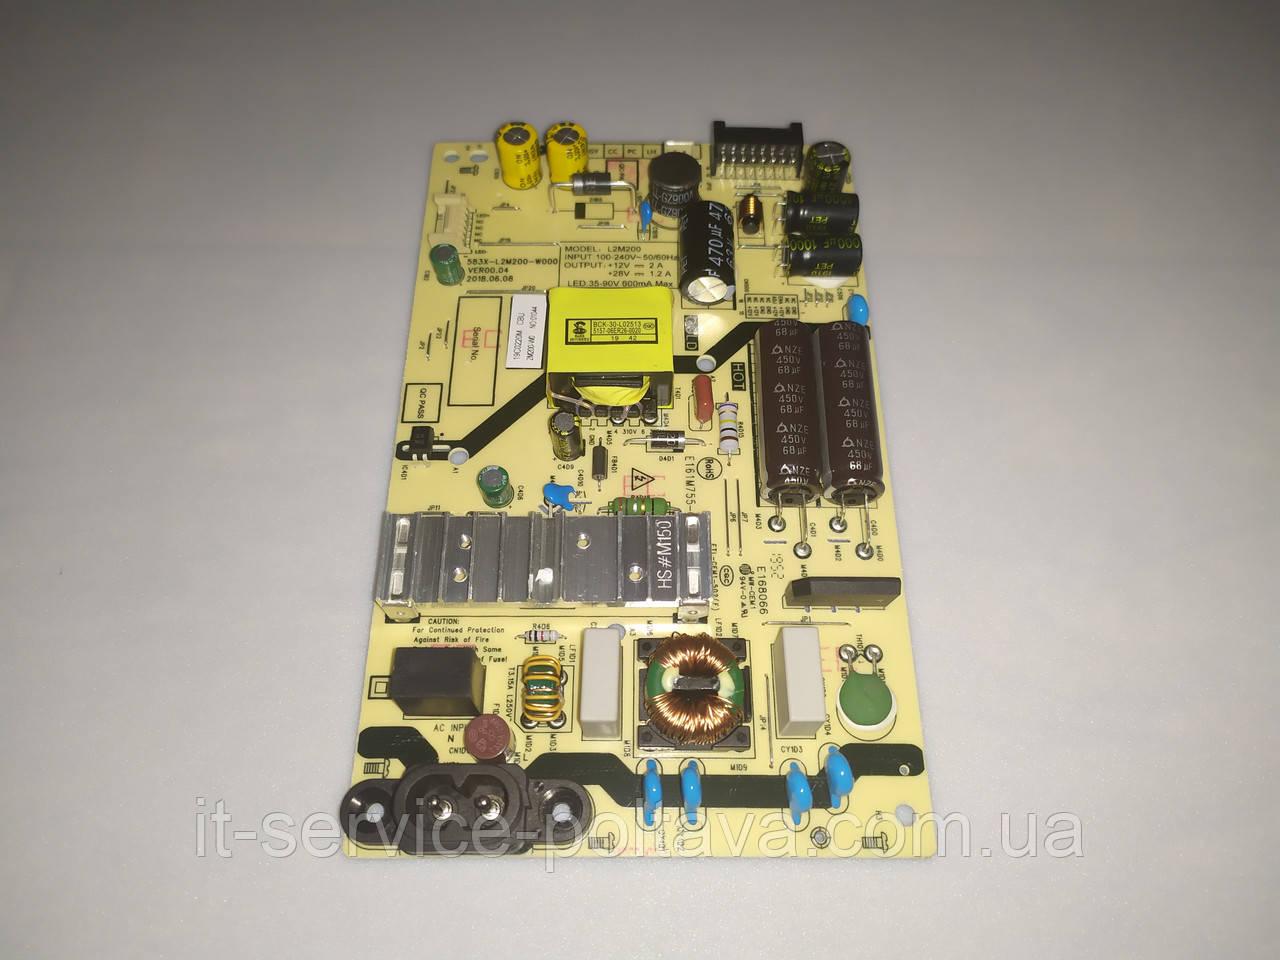 Блок живлення (Power Supply) L2M200 (583X-L2M200-W000) VER00.04 для телевізора Skyworth